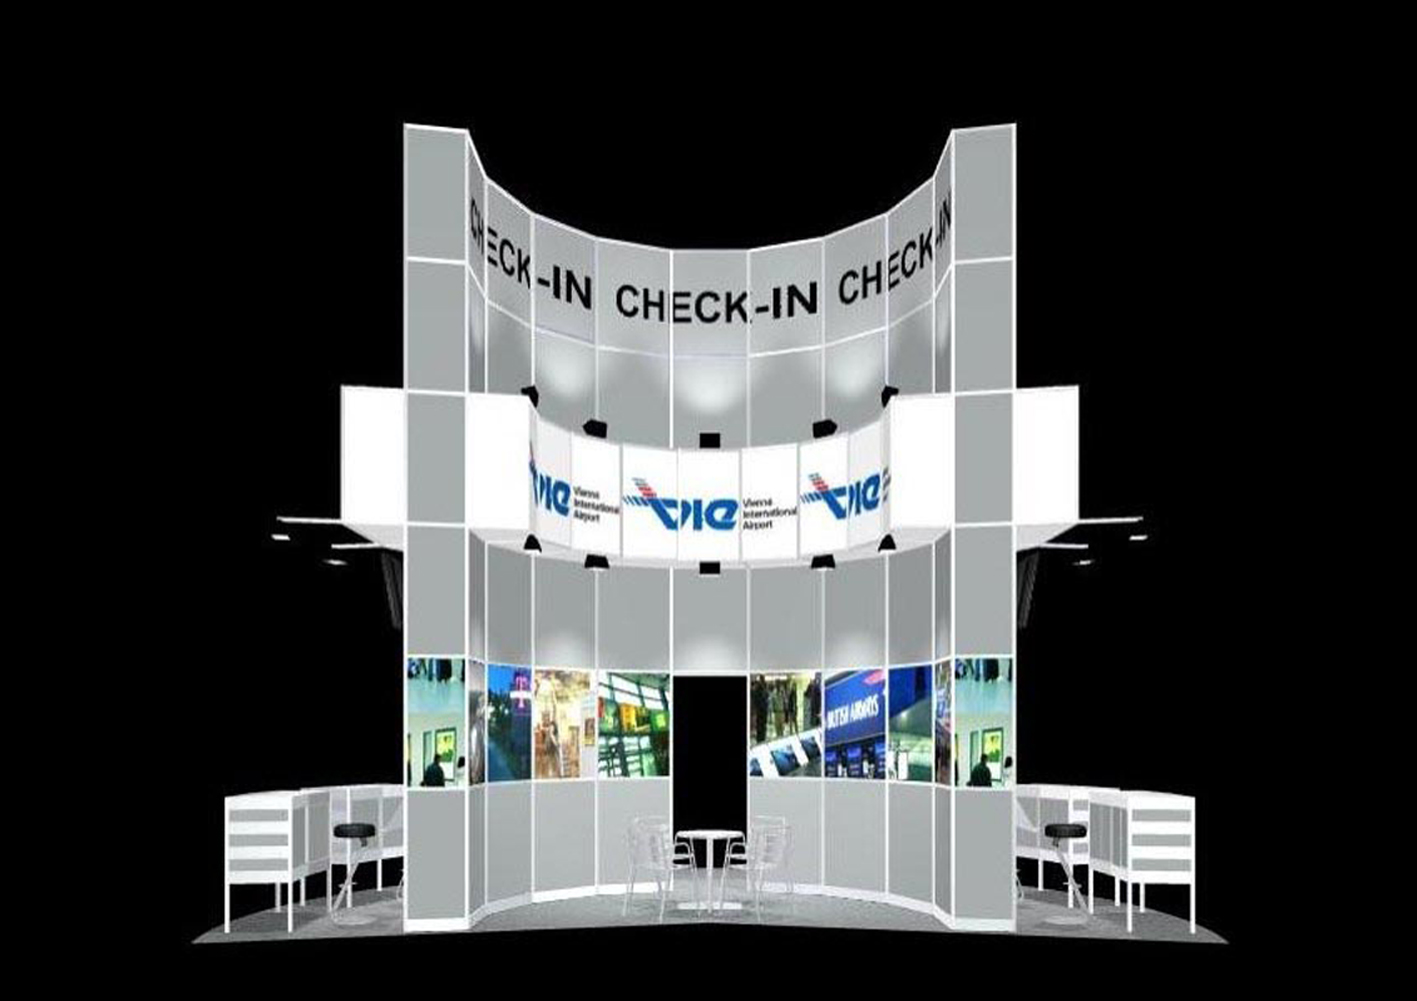 11 Flughafen Wien, aufstrebend, hoch, dem Design der Terminals Airport Schwechat nachempfunden